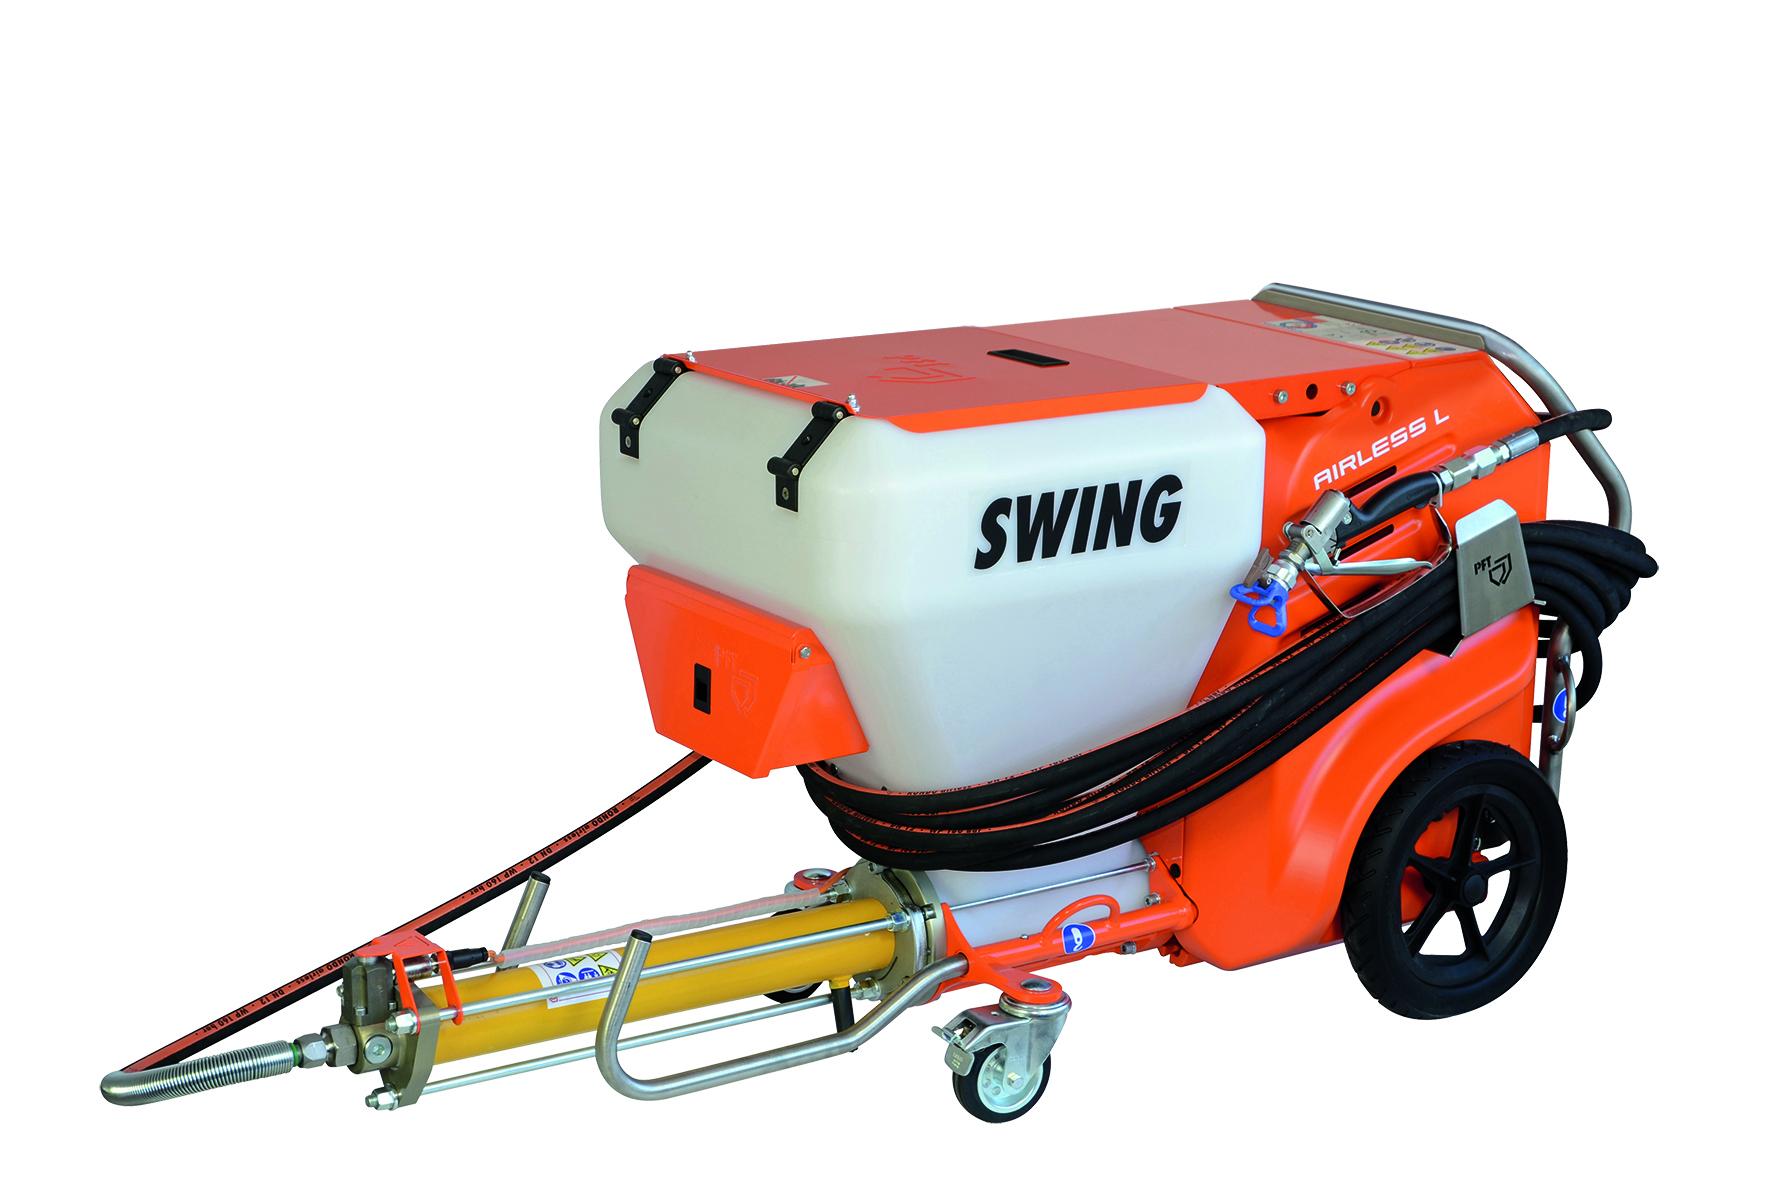 Protočna pumpa, SWING L FC-230V, Airless, PFT